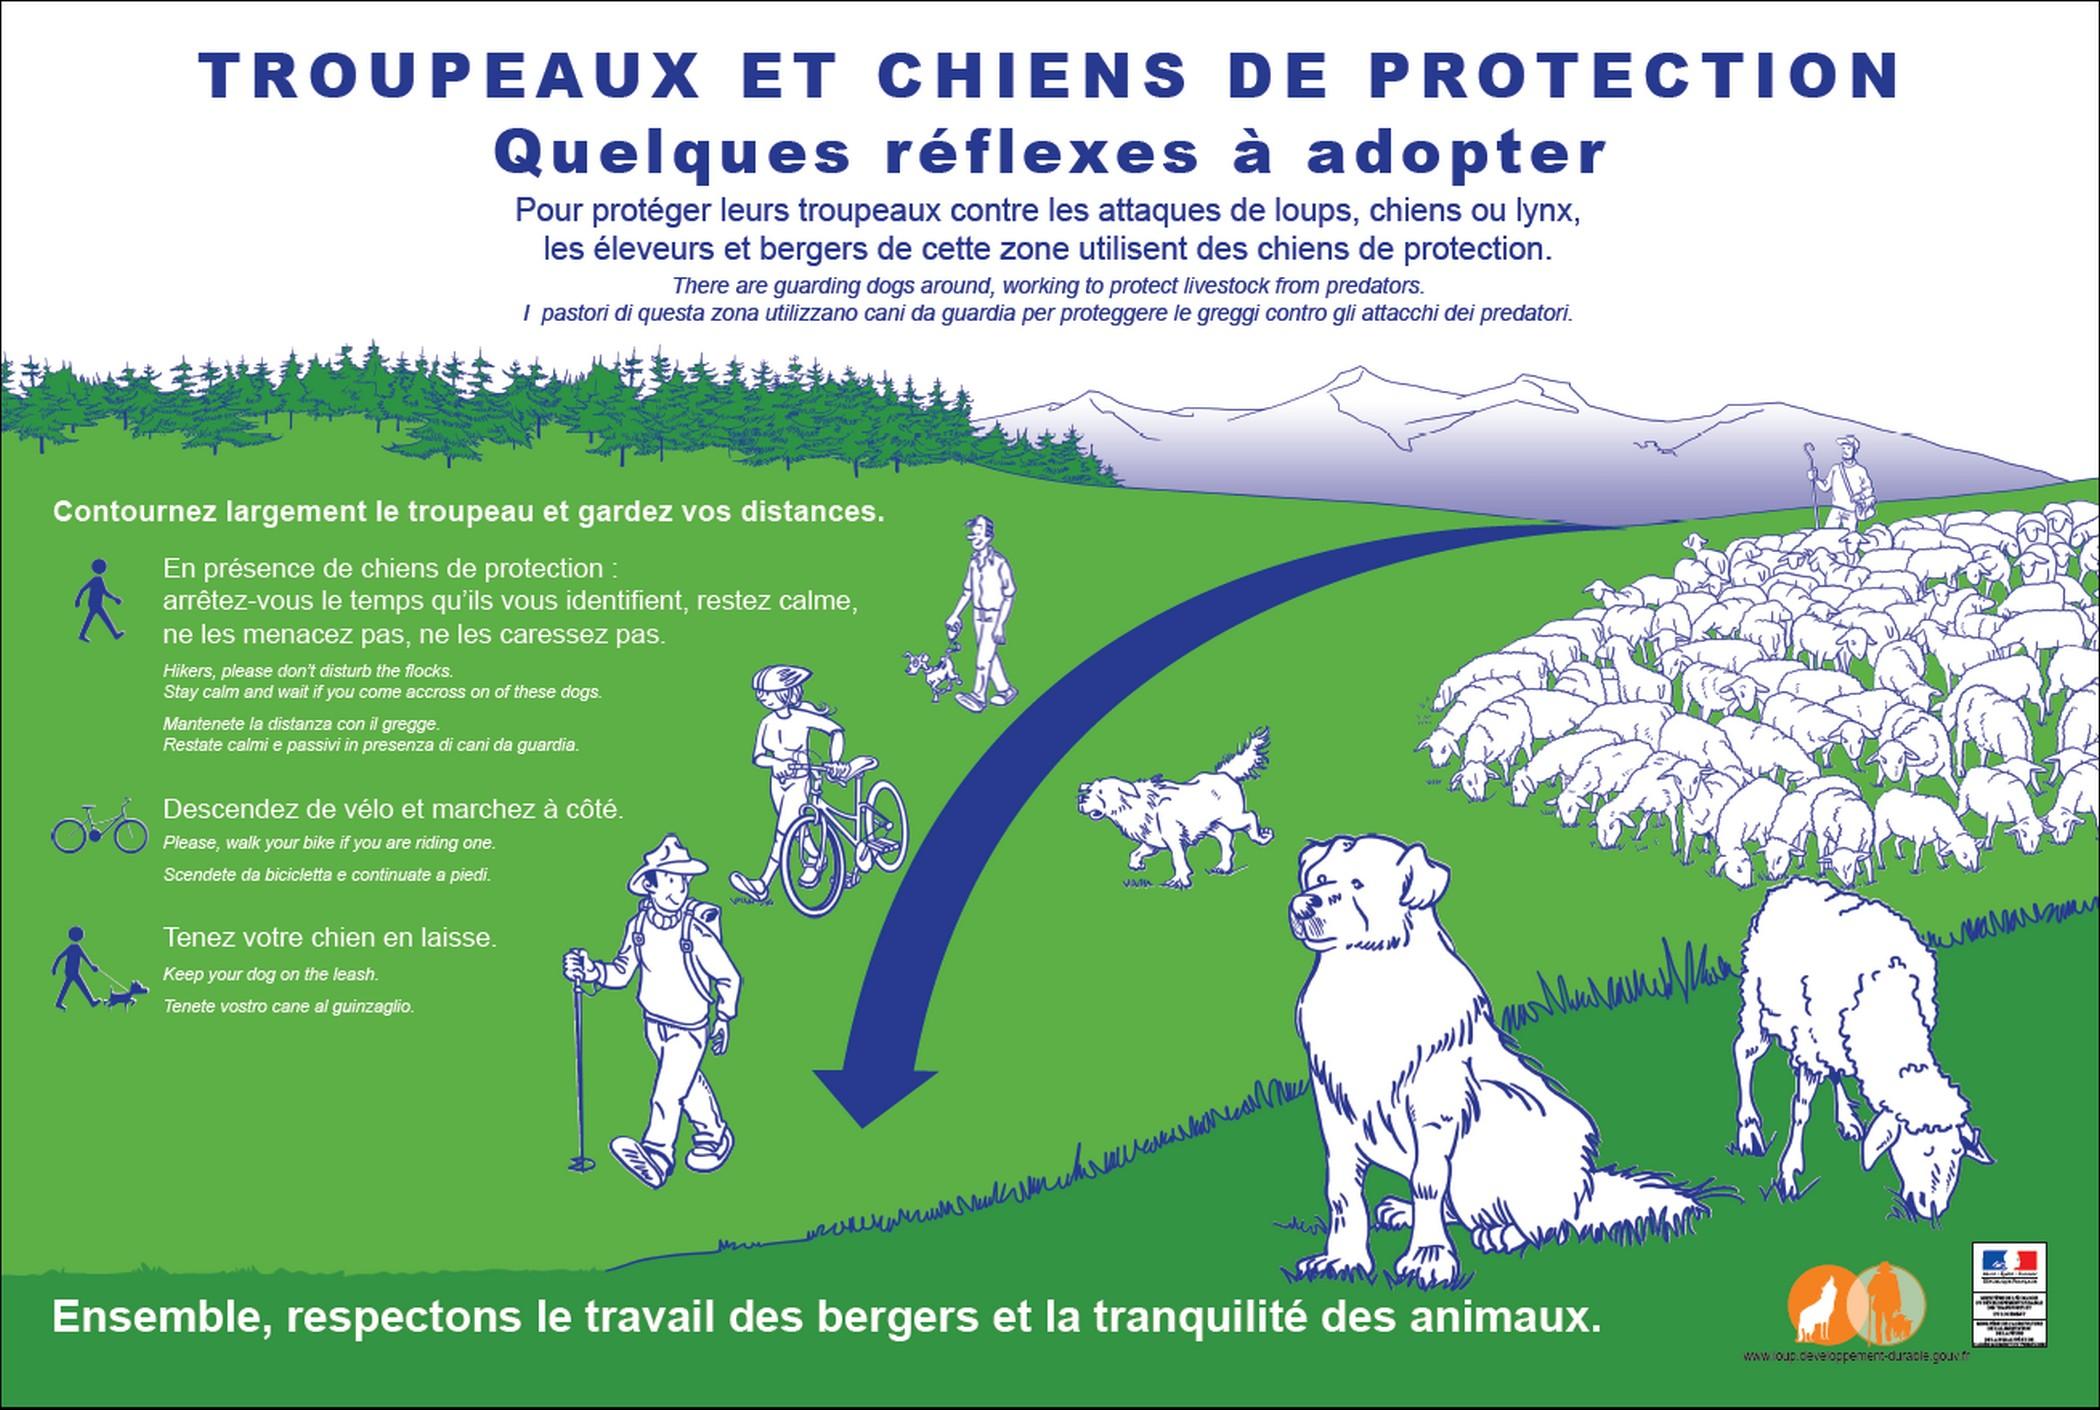 En cas de rencontre avec un troupeau et des chiens de protection : adoptez les bons gestes !